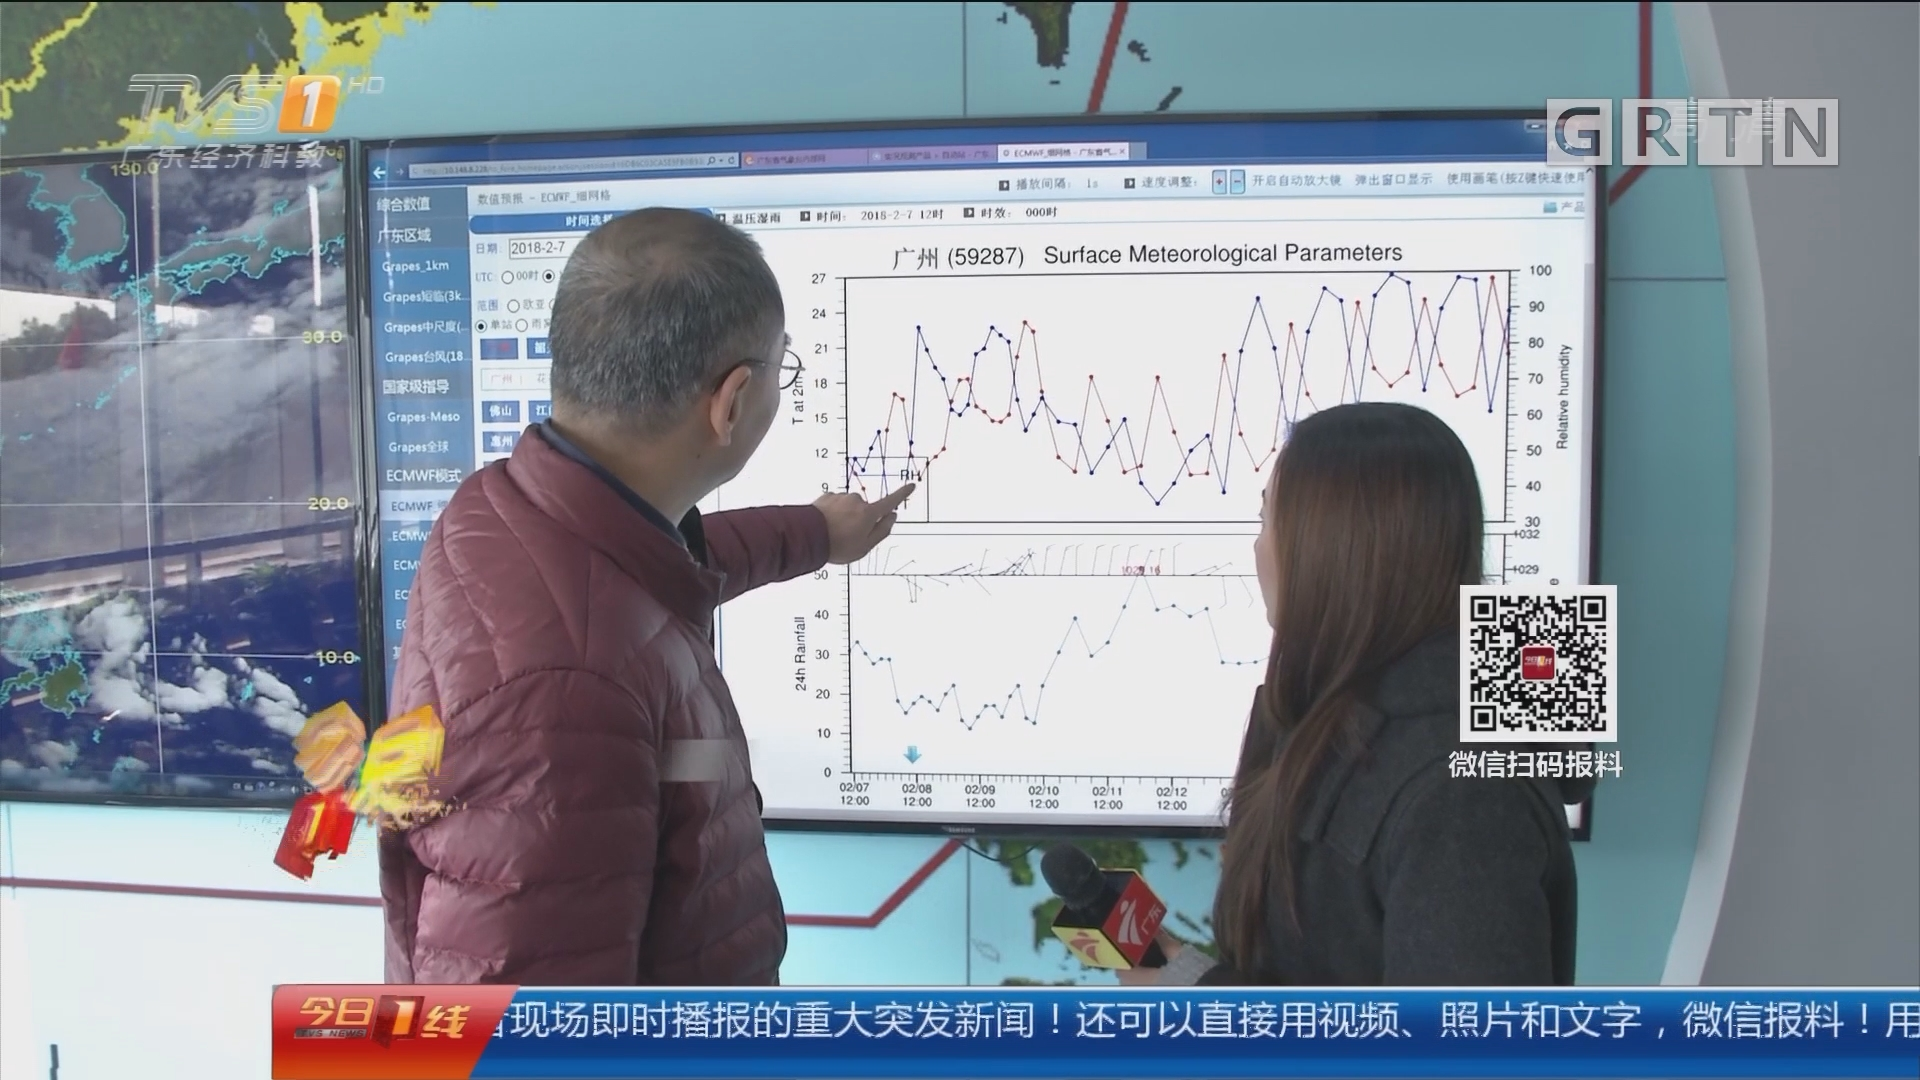 广东天气:气温又要大跳水 平均降温2-5℃